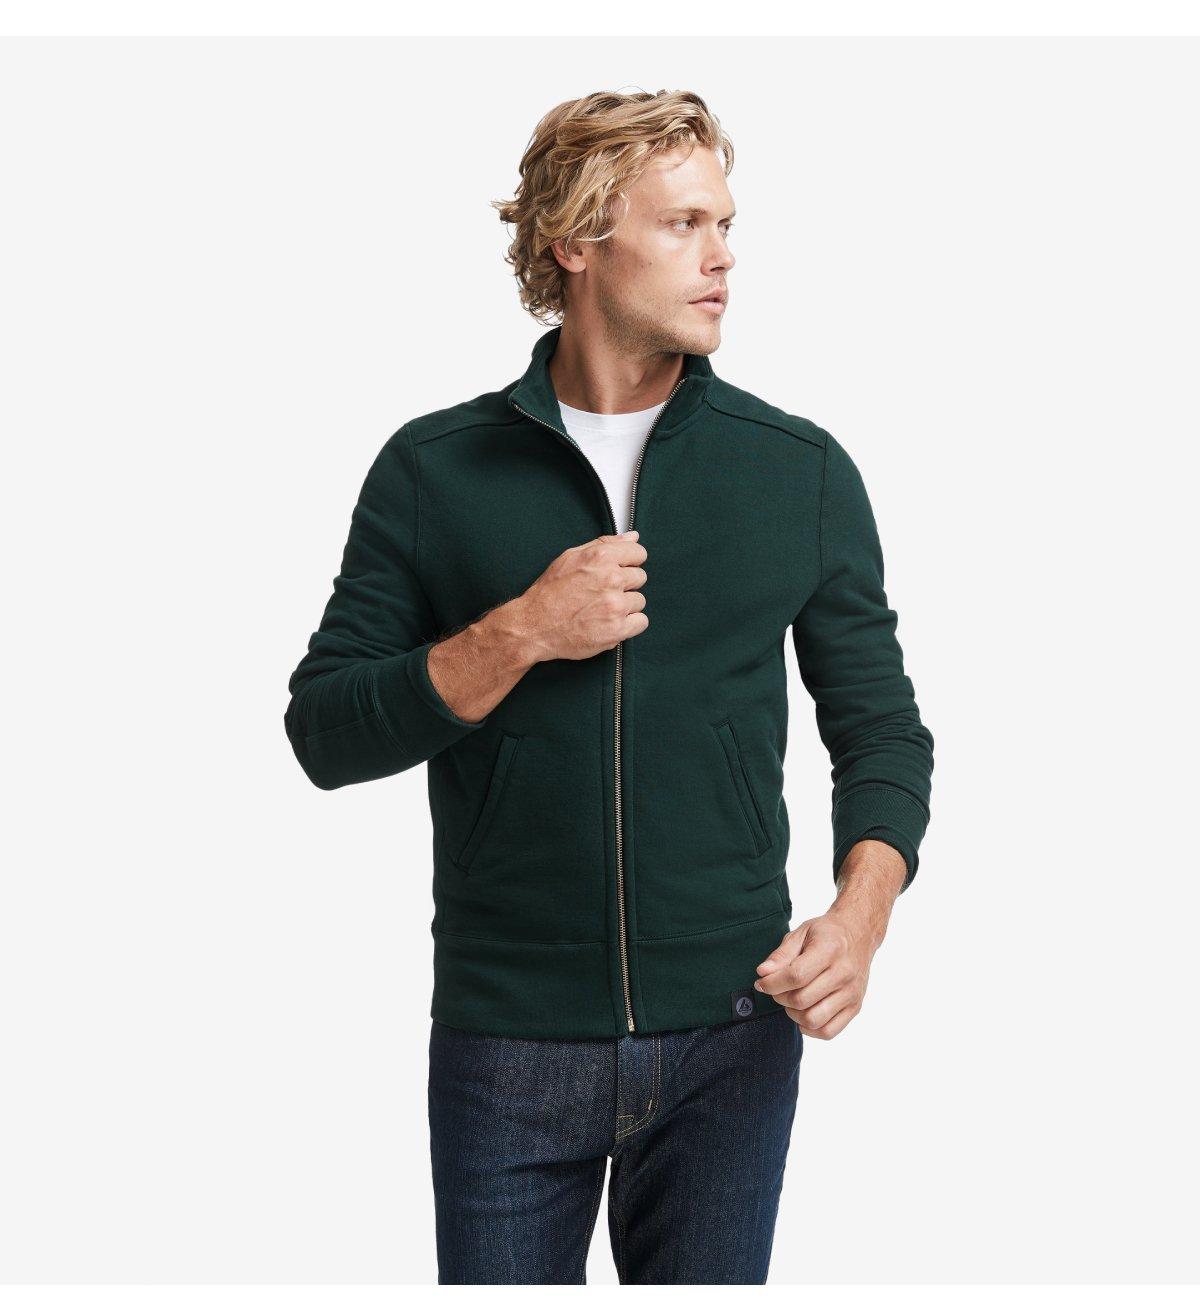 Feels like a hoodie but wears like a jacket